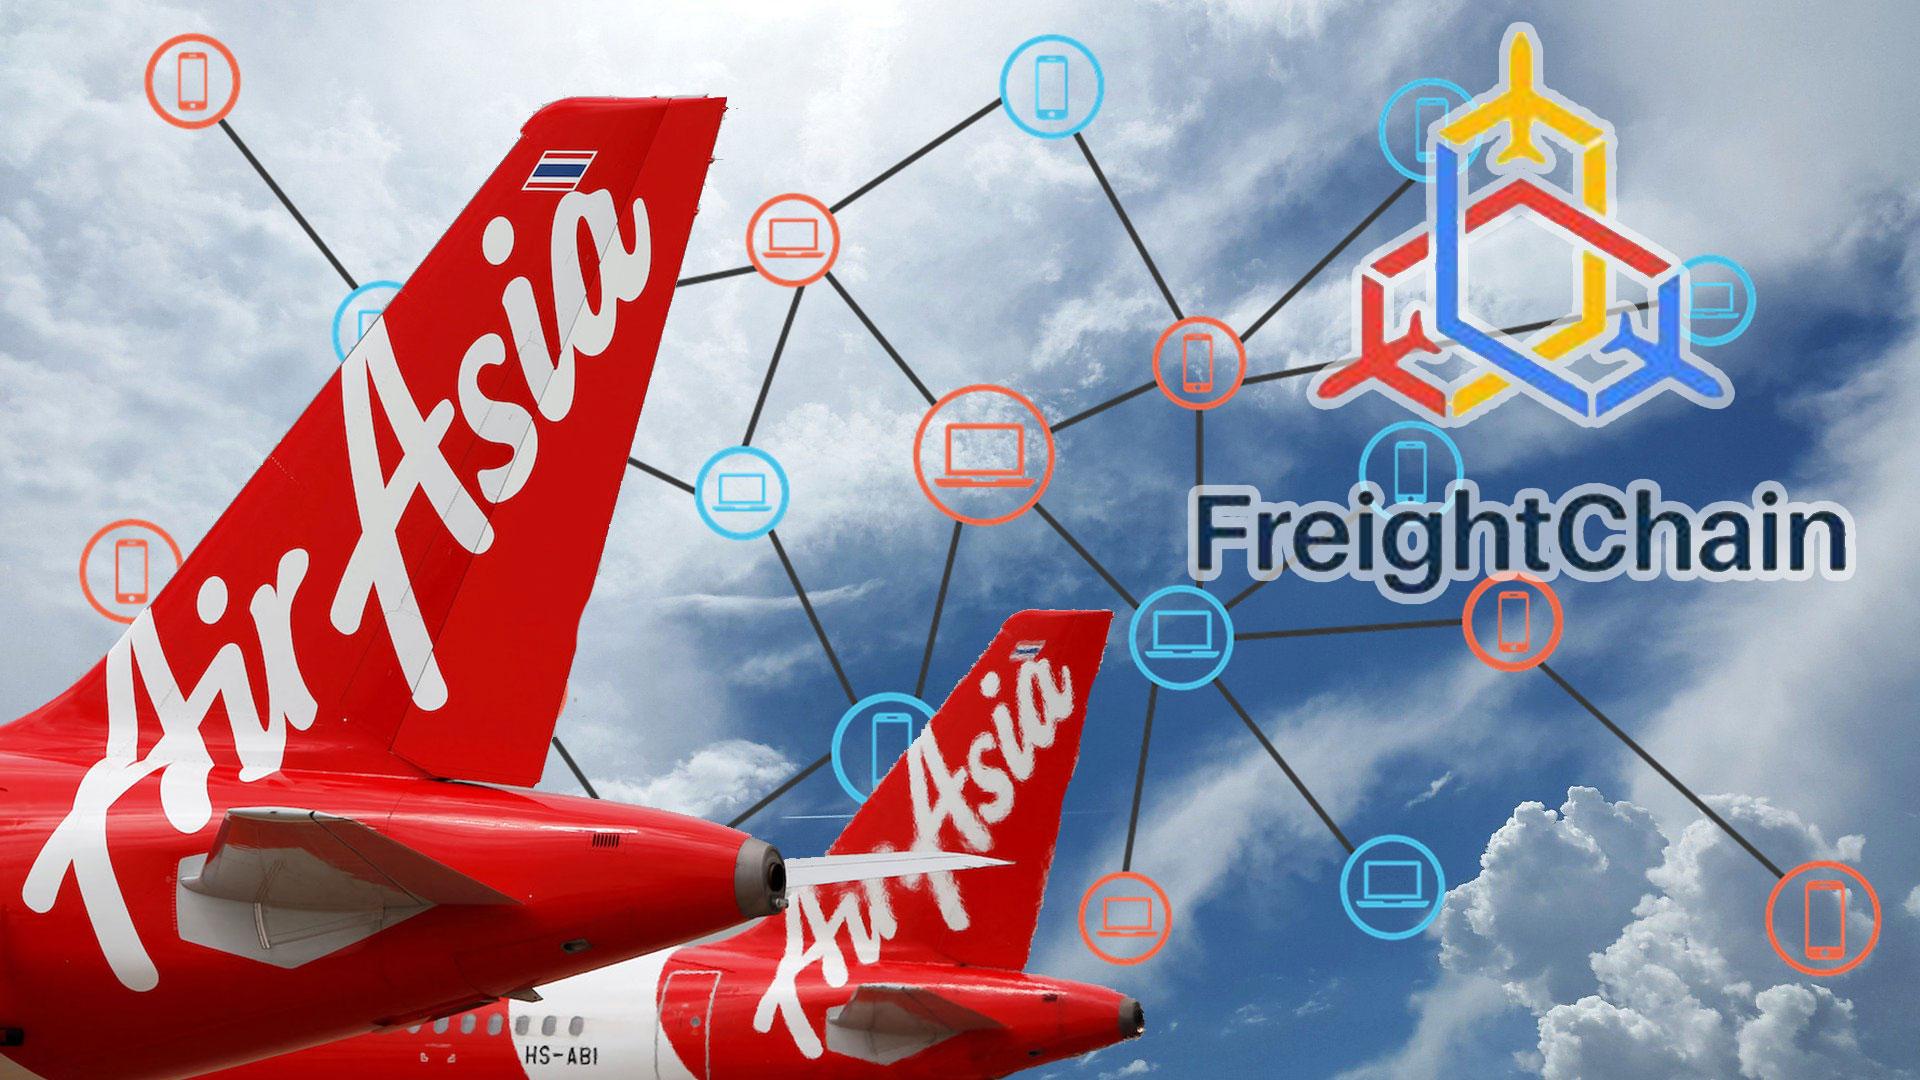 AirAsiaが世界初ブロックチェーンによる航空貨物デジタルネットワークを発表